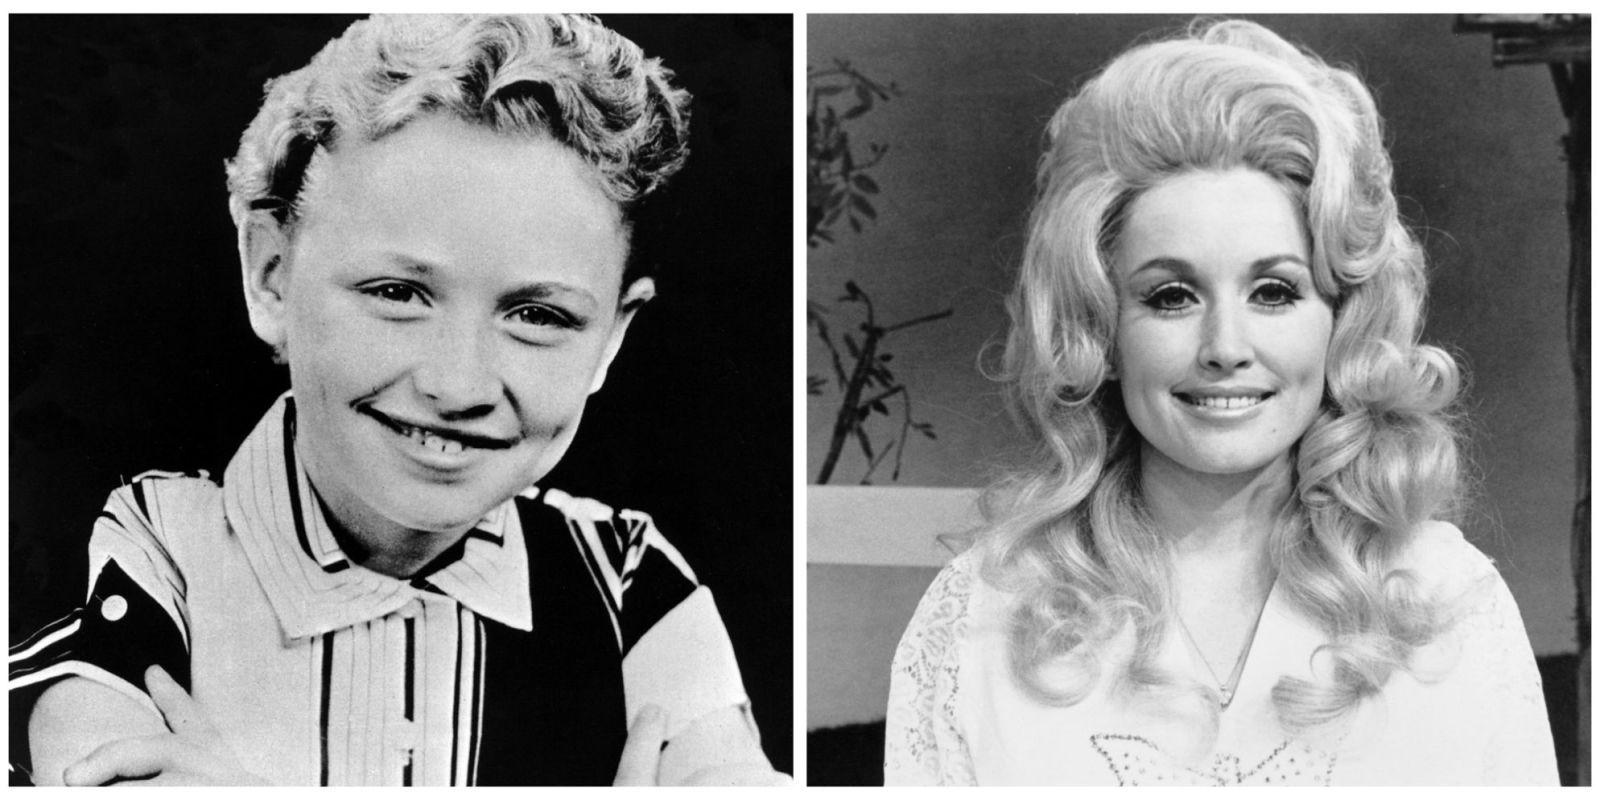 Dolly parton young